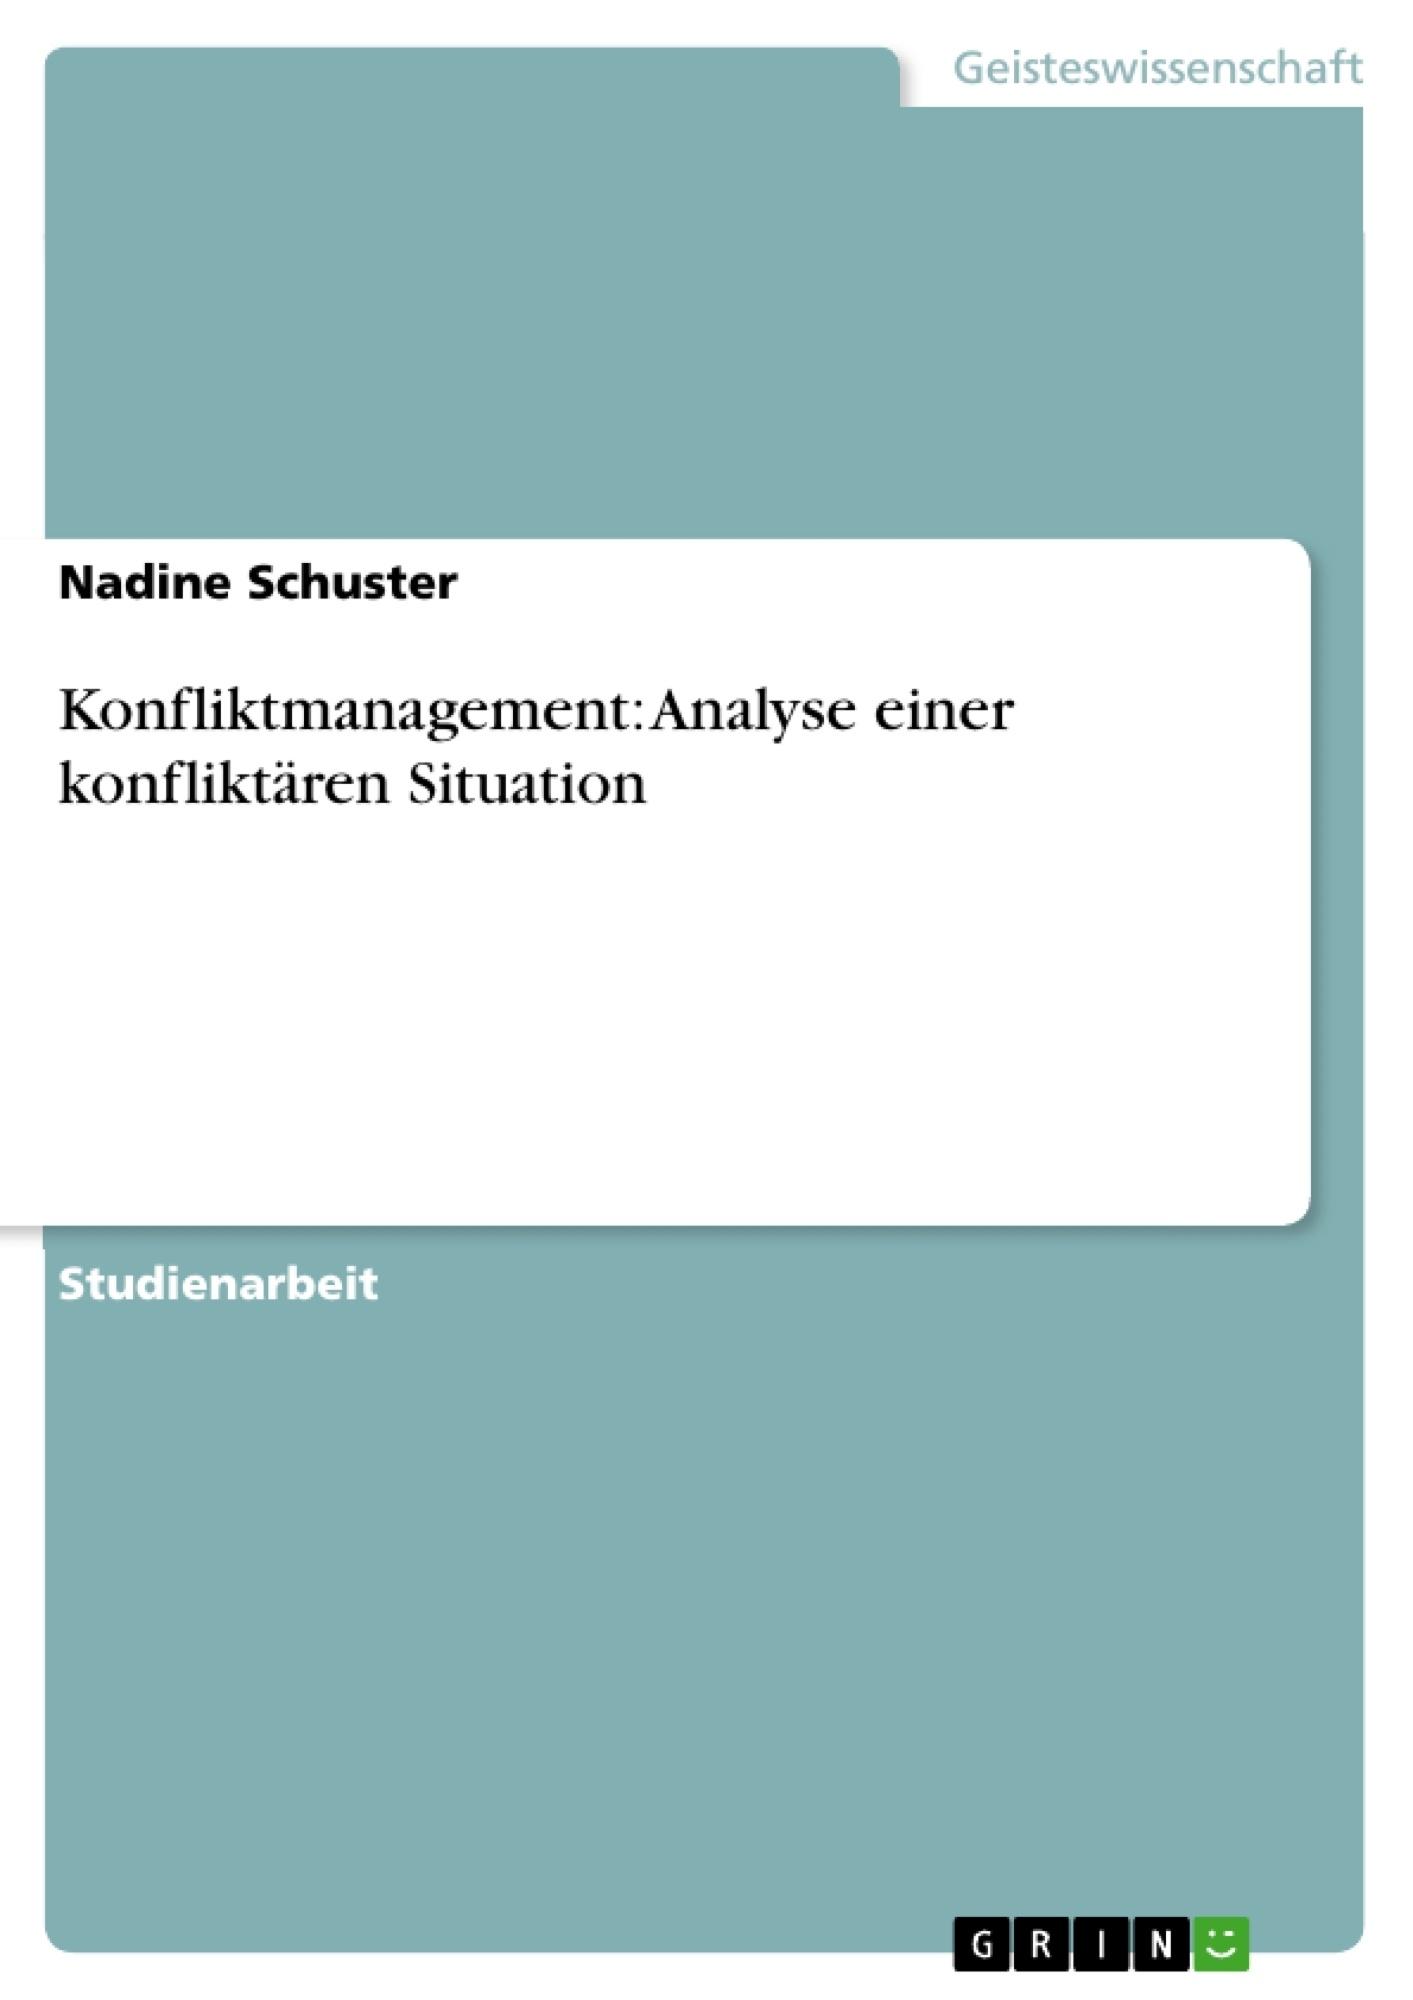 Titel: Konfliktmanagement: Analyse einer konfliktären Situation